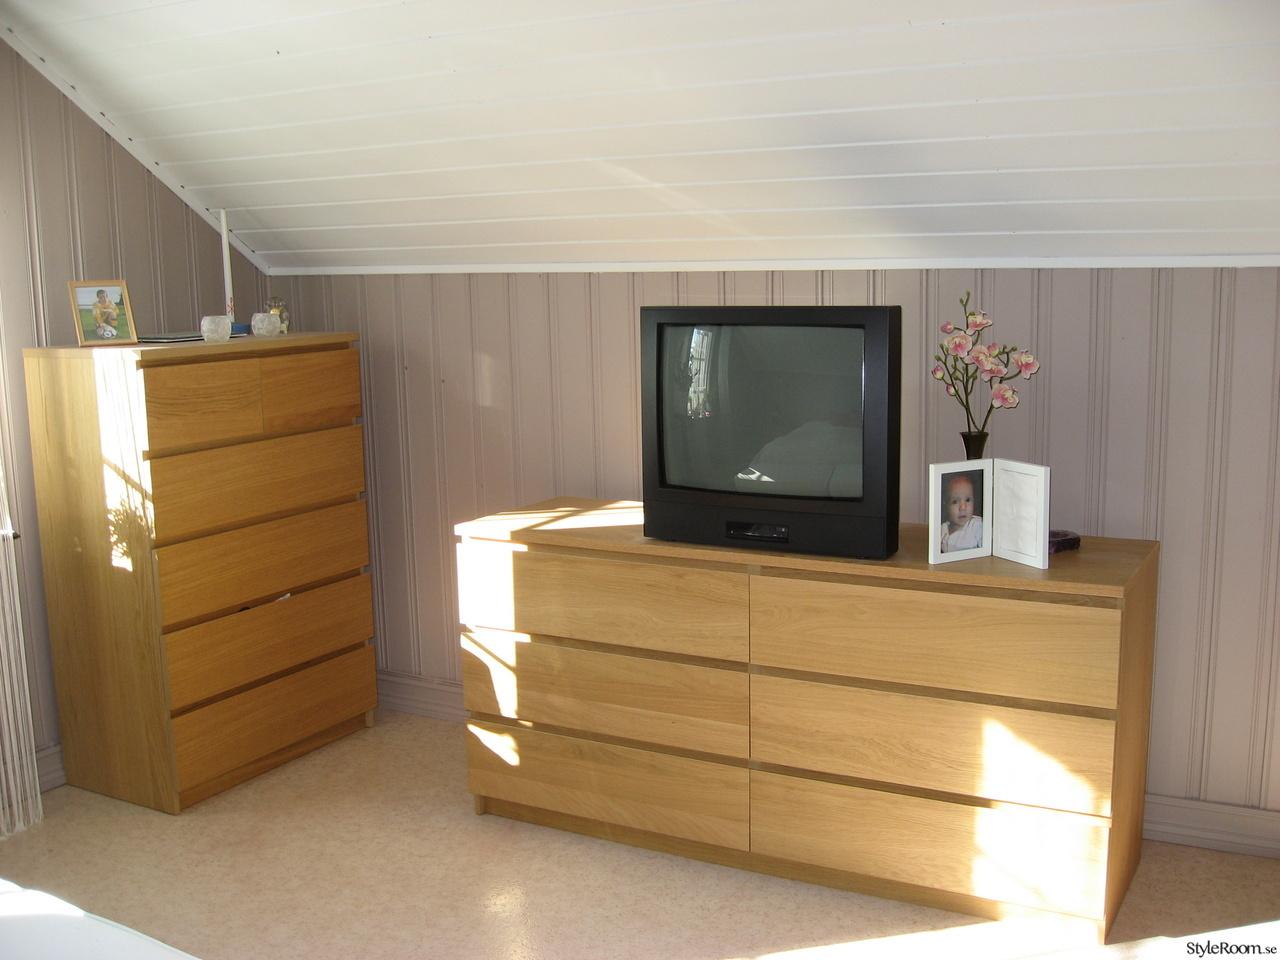 malm byrå ek ikea ~ sovrummet  ett inredningsalbum på styleroom av annapanna